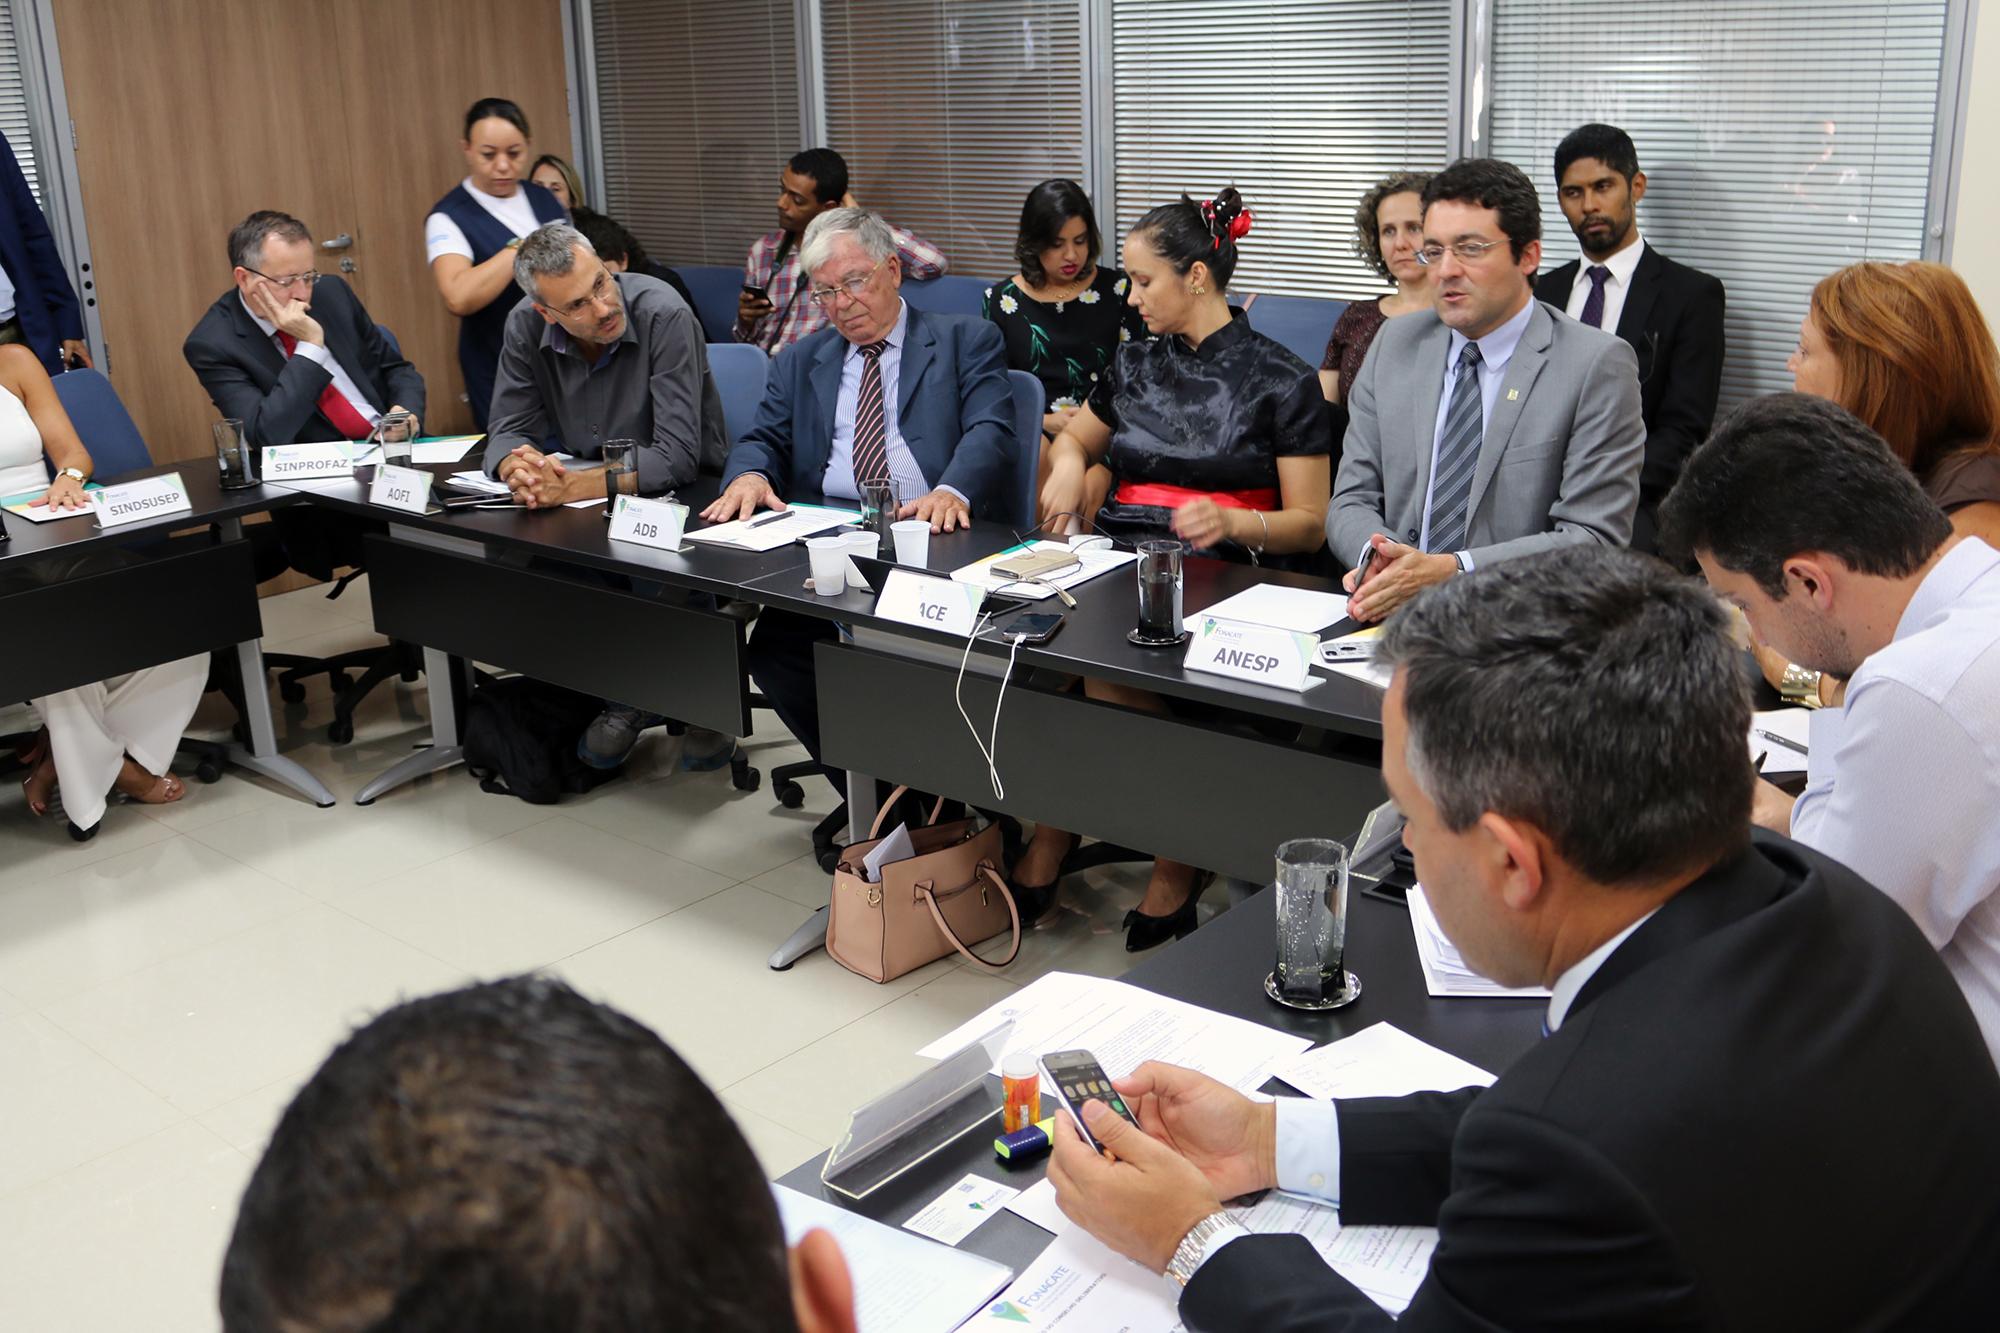 Presidente da ANESP, Alex Canuto, durante encontro. Foto: Filipe Calmon / ANESP